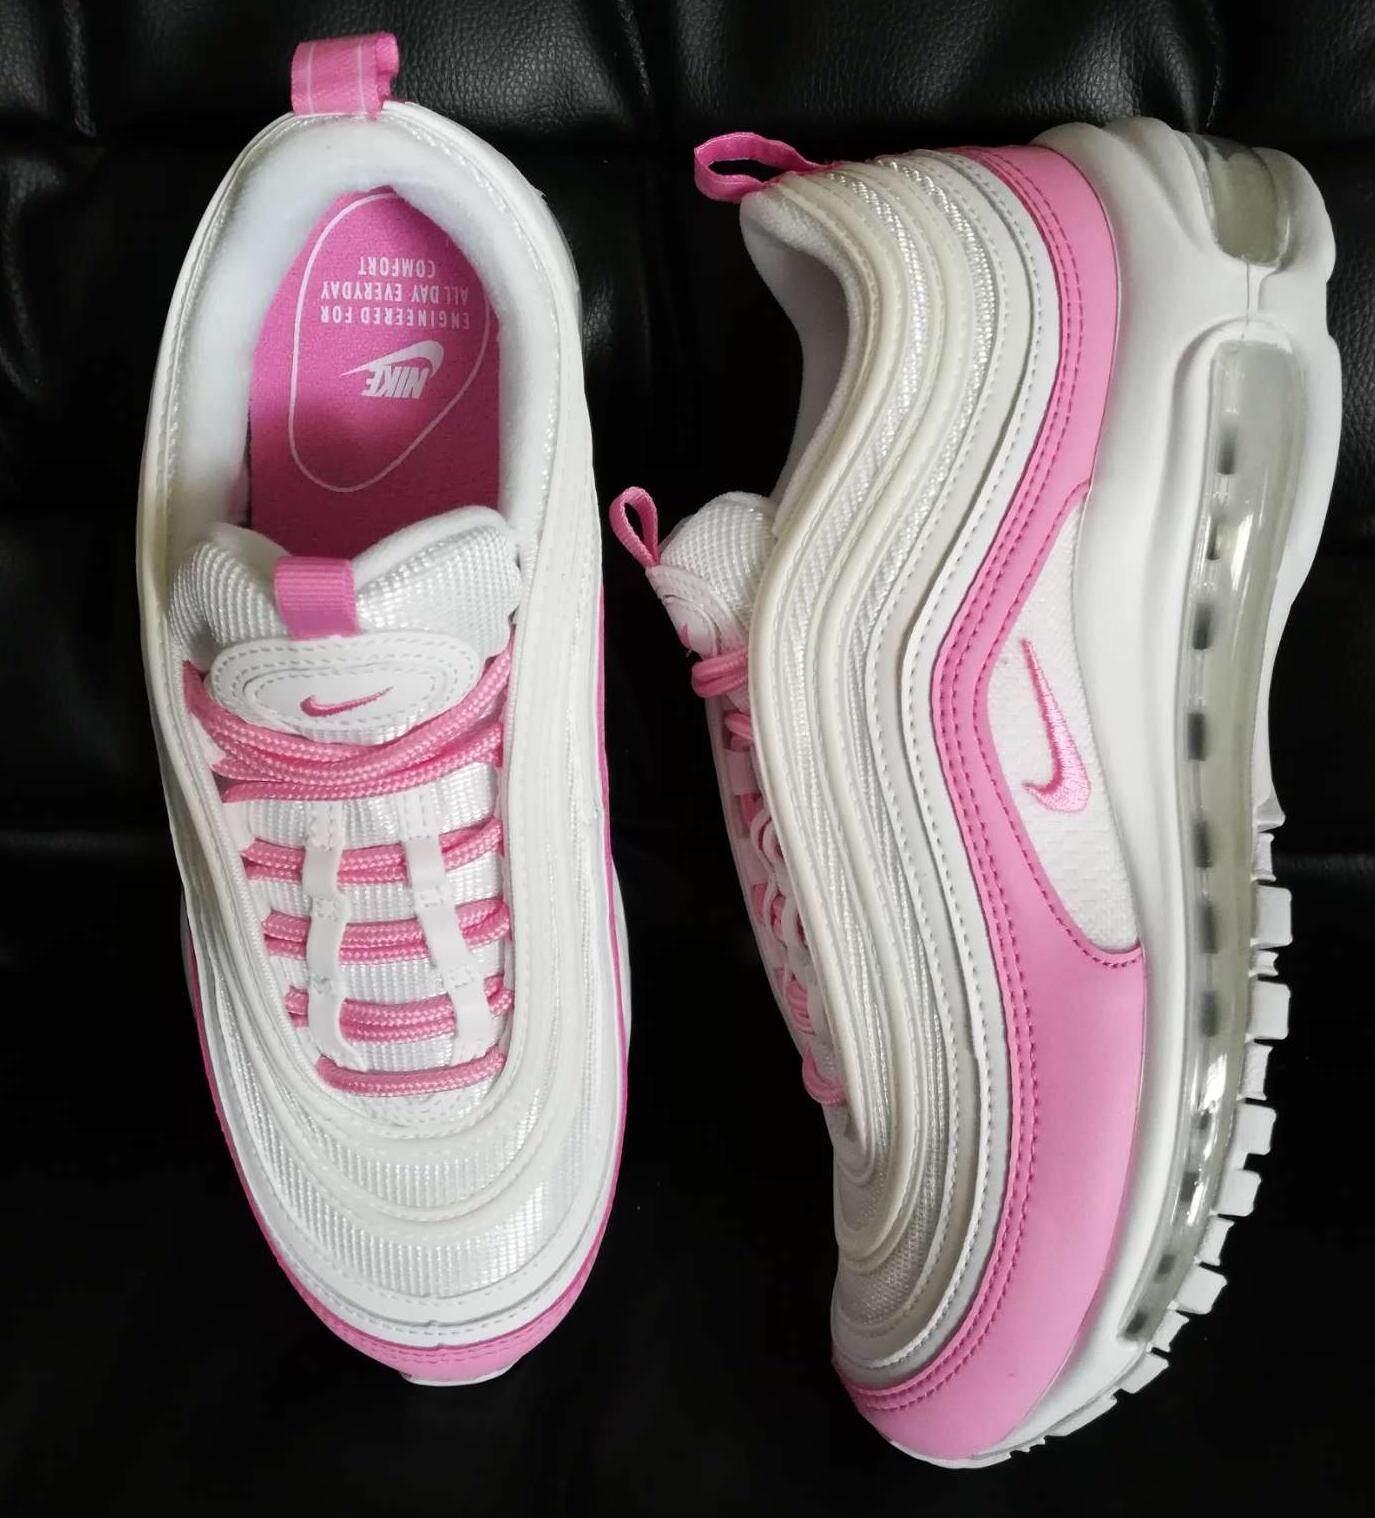 ยี่ห้อไหนดี  อุตรดิตถ์ รองเท้า nike air Max 97 in white nike pink ของแท้ นำเข้า 100%